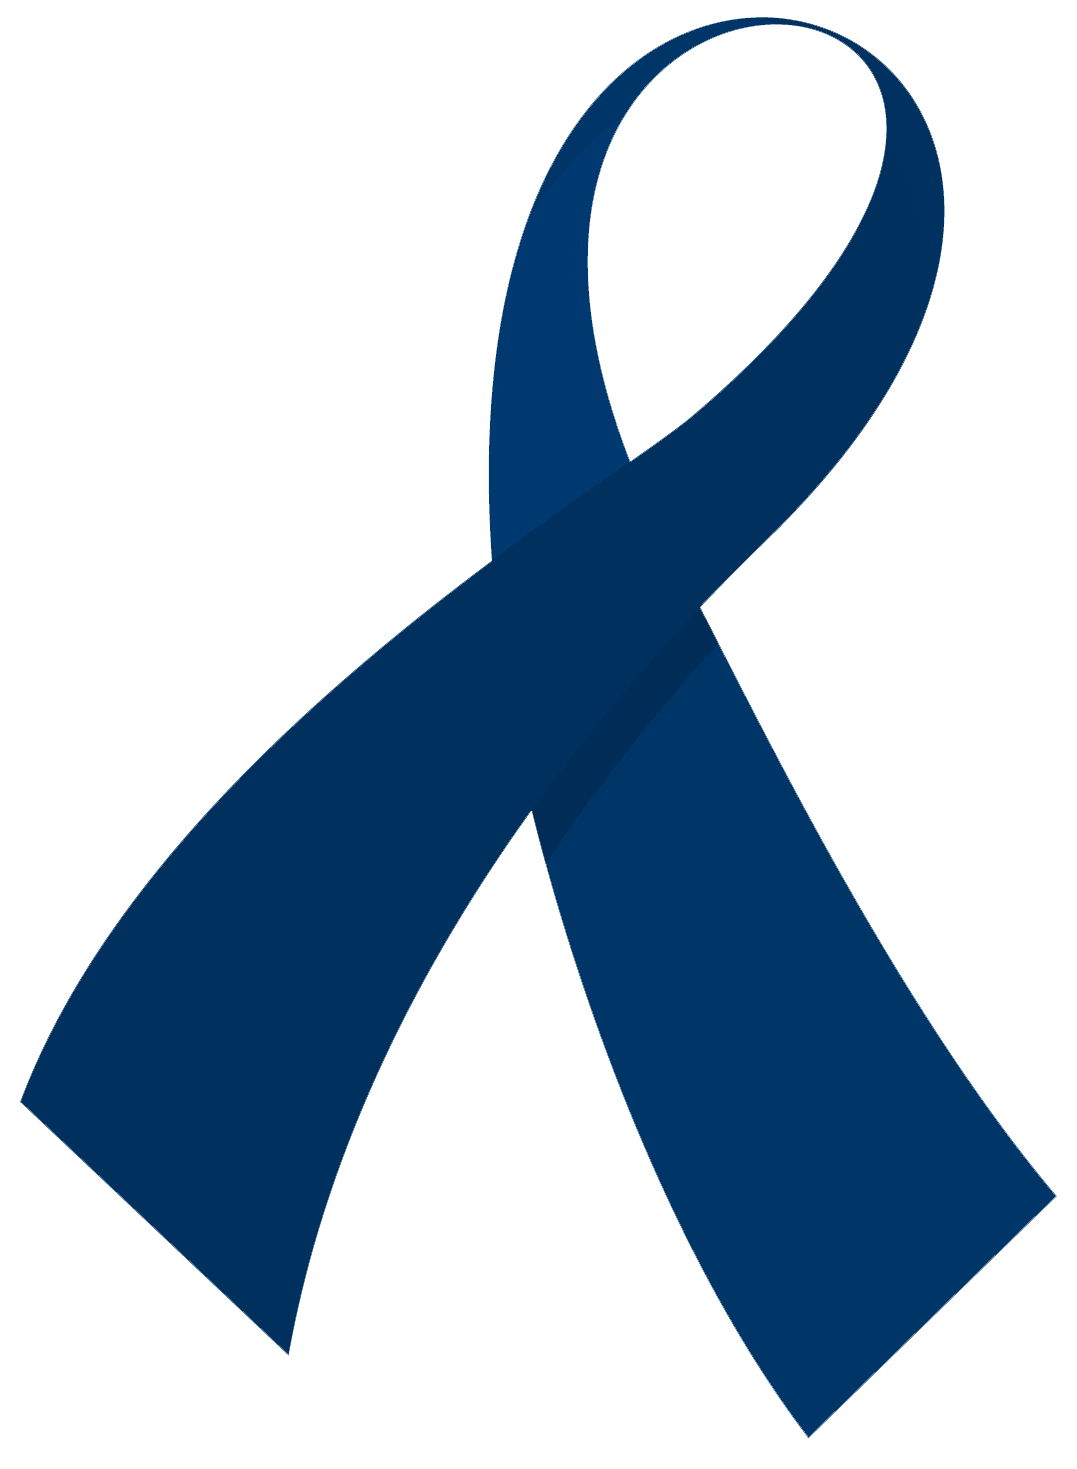 awareness ribbon template printable coloring